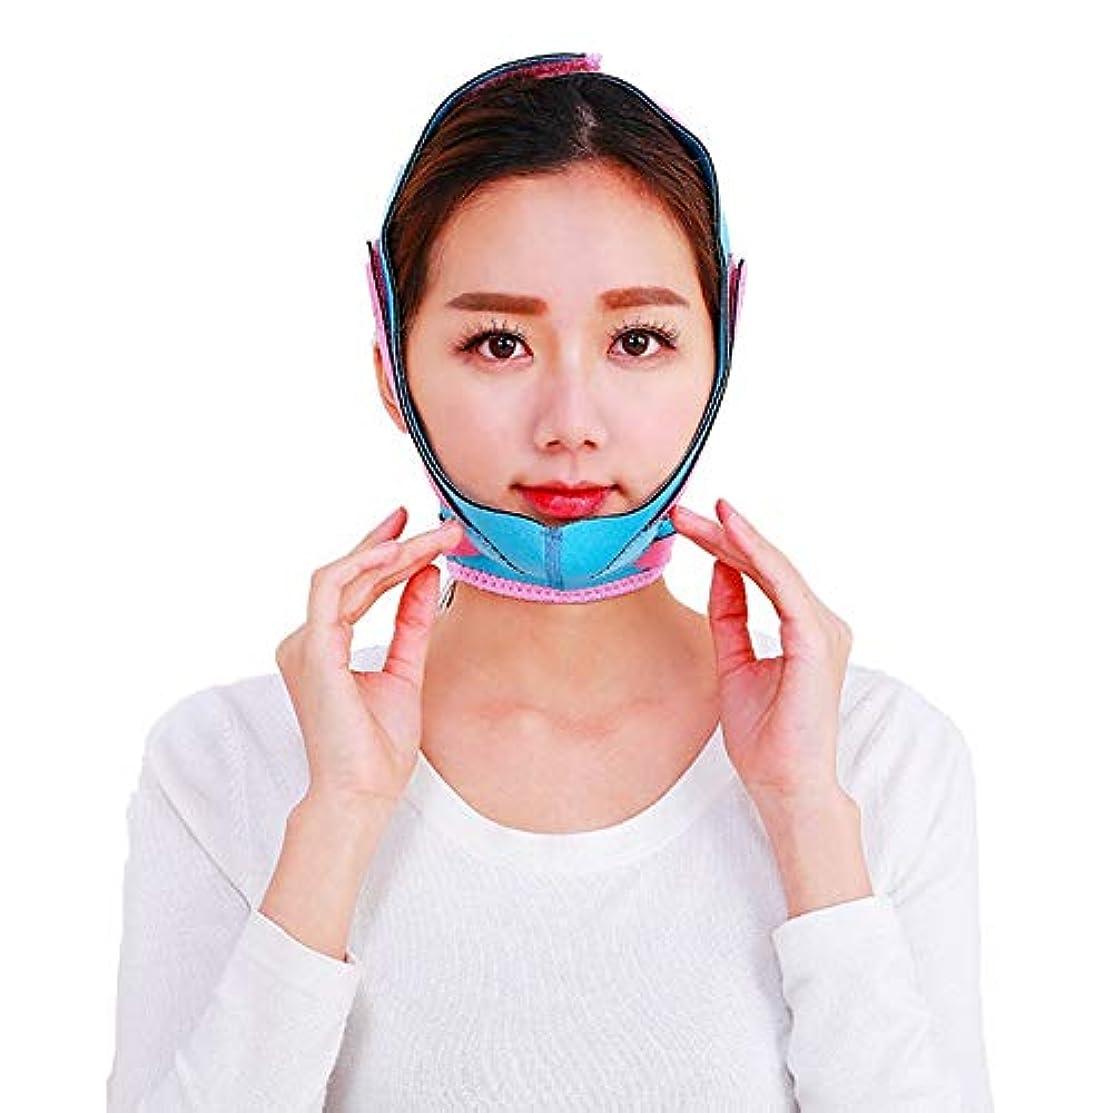 マントあなたのもの脆いJia Jia- フェイシャルリフティング痩身ベルトシンフェイス包帯アンチエイジングシワフリーフェイシャルマッサージ整形マスクダブルチンワークアウト 顔面包帯